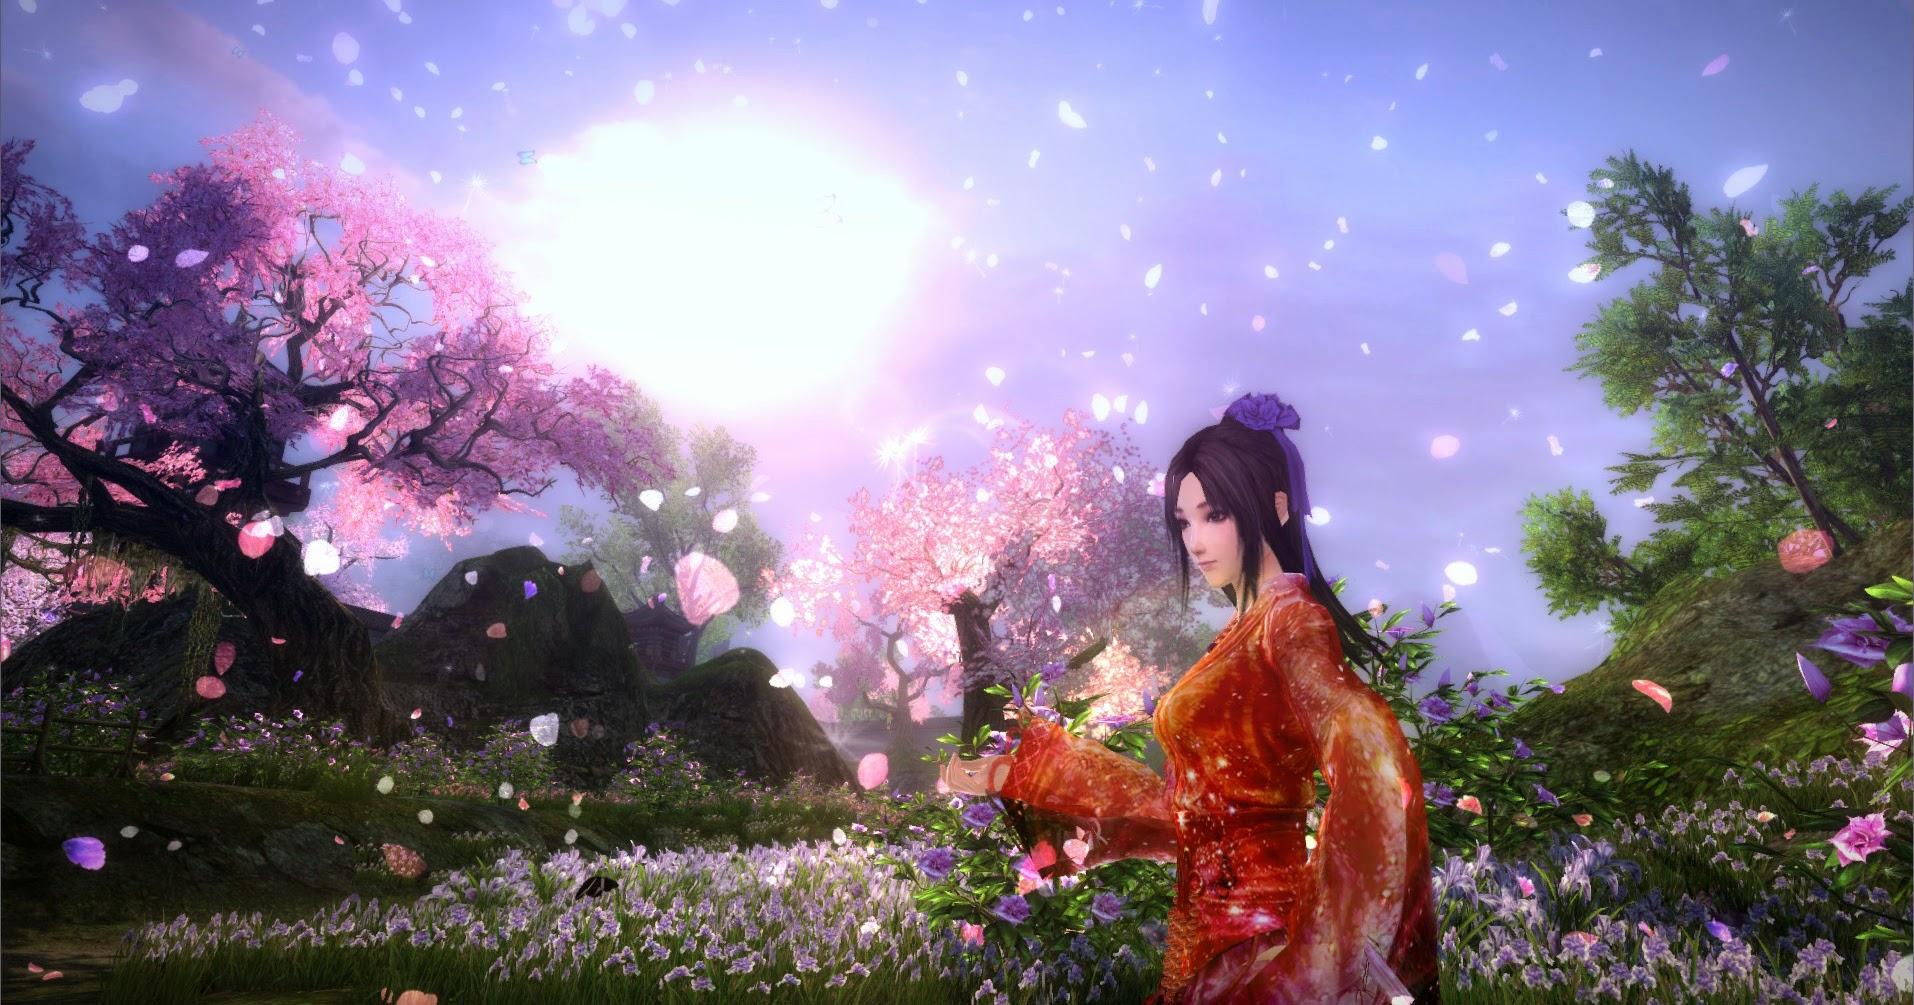 Ảnh đẹp Cửu Âm Chân Kinh: Thục Nữ Kiếm - Ảnh 10